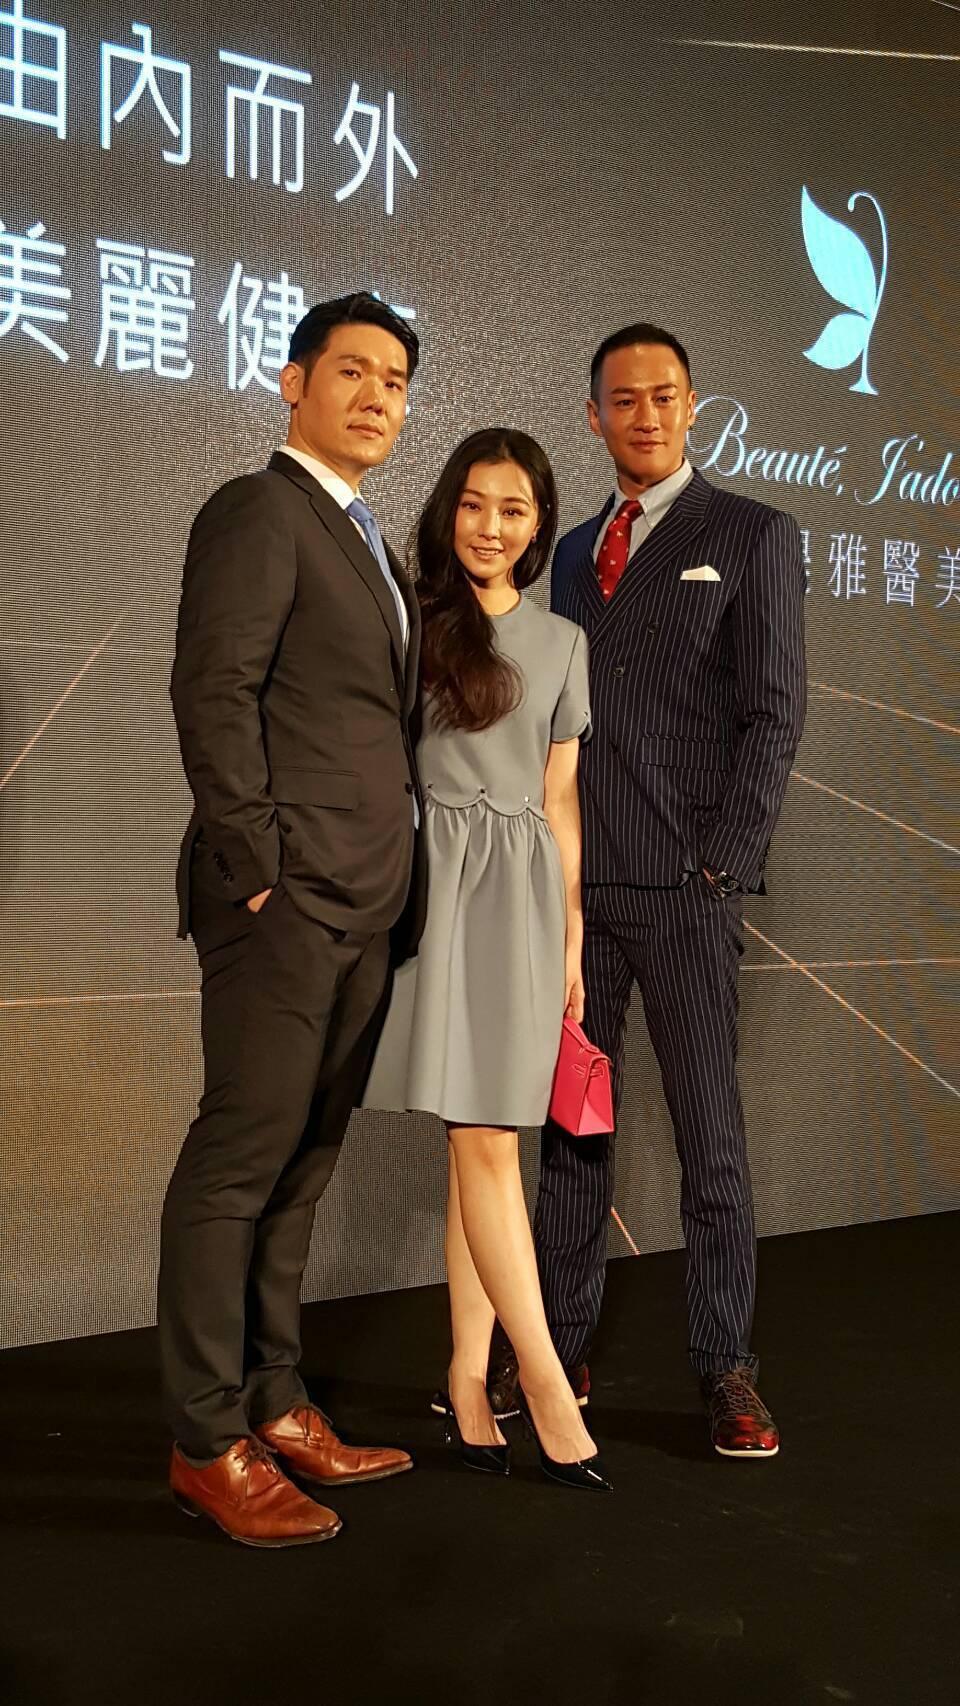 何潤東(右起)出席陳怡蓉老公薛博仁醫美產業記者會。記者杜沛學/攝影